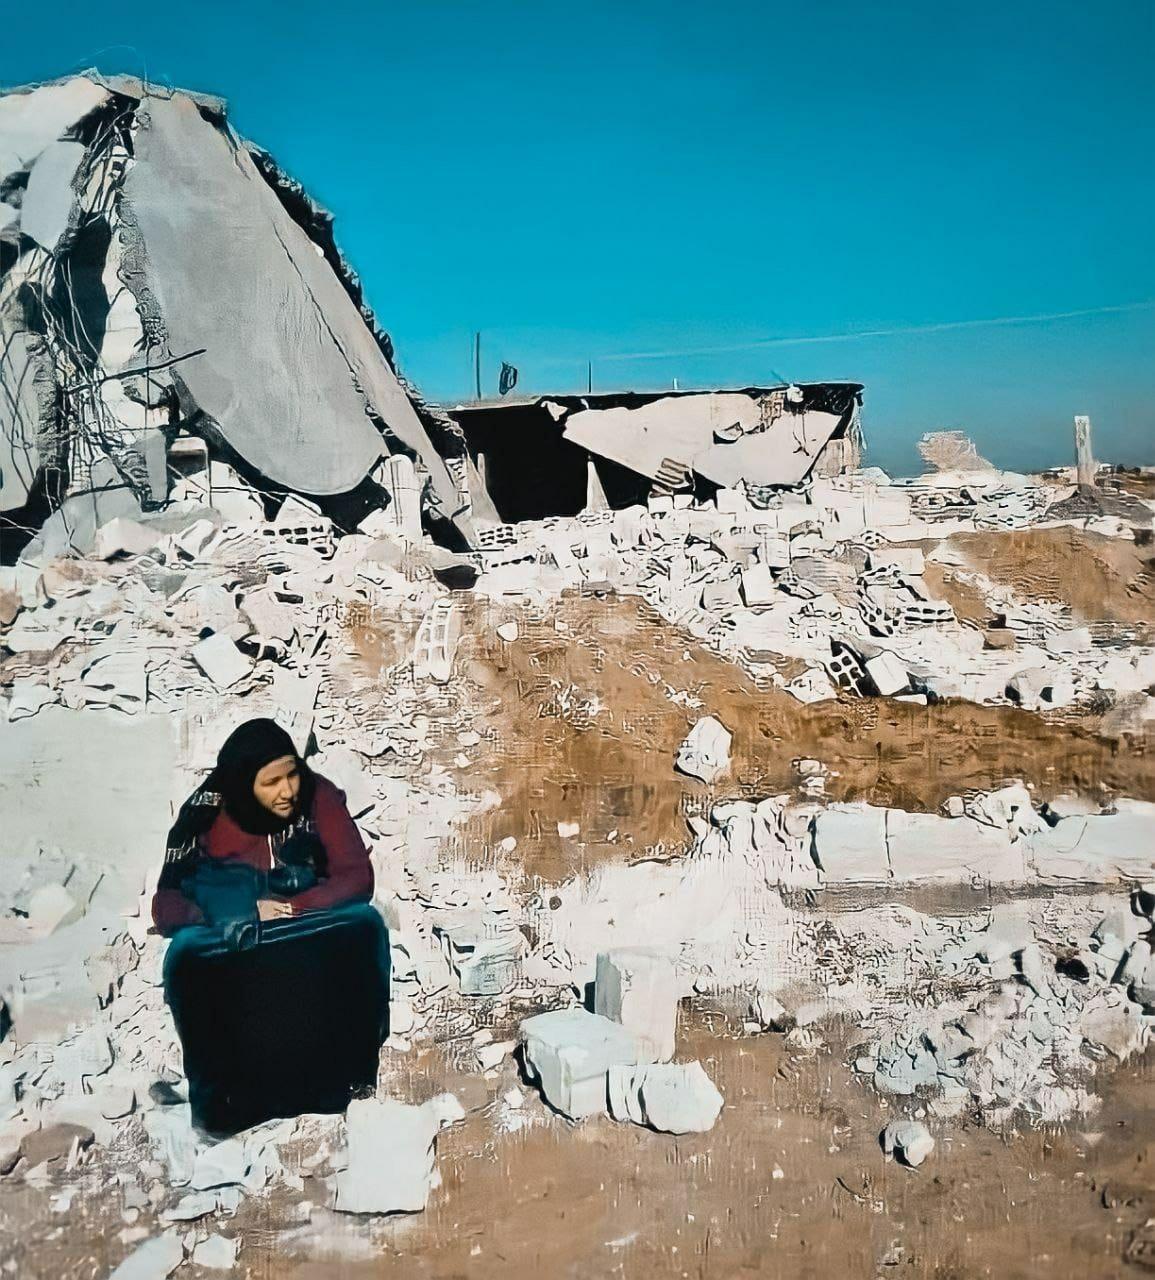 بحجة المخالفات...قسد تستمر في هدم منازل المدنيين في الرقة